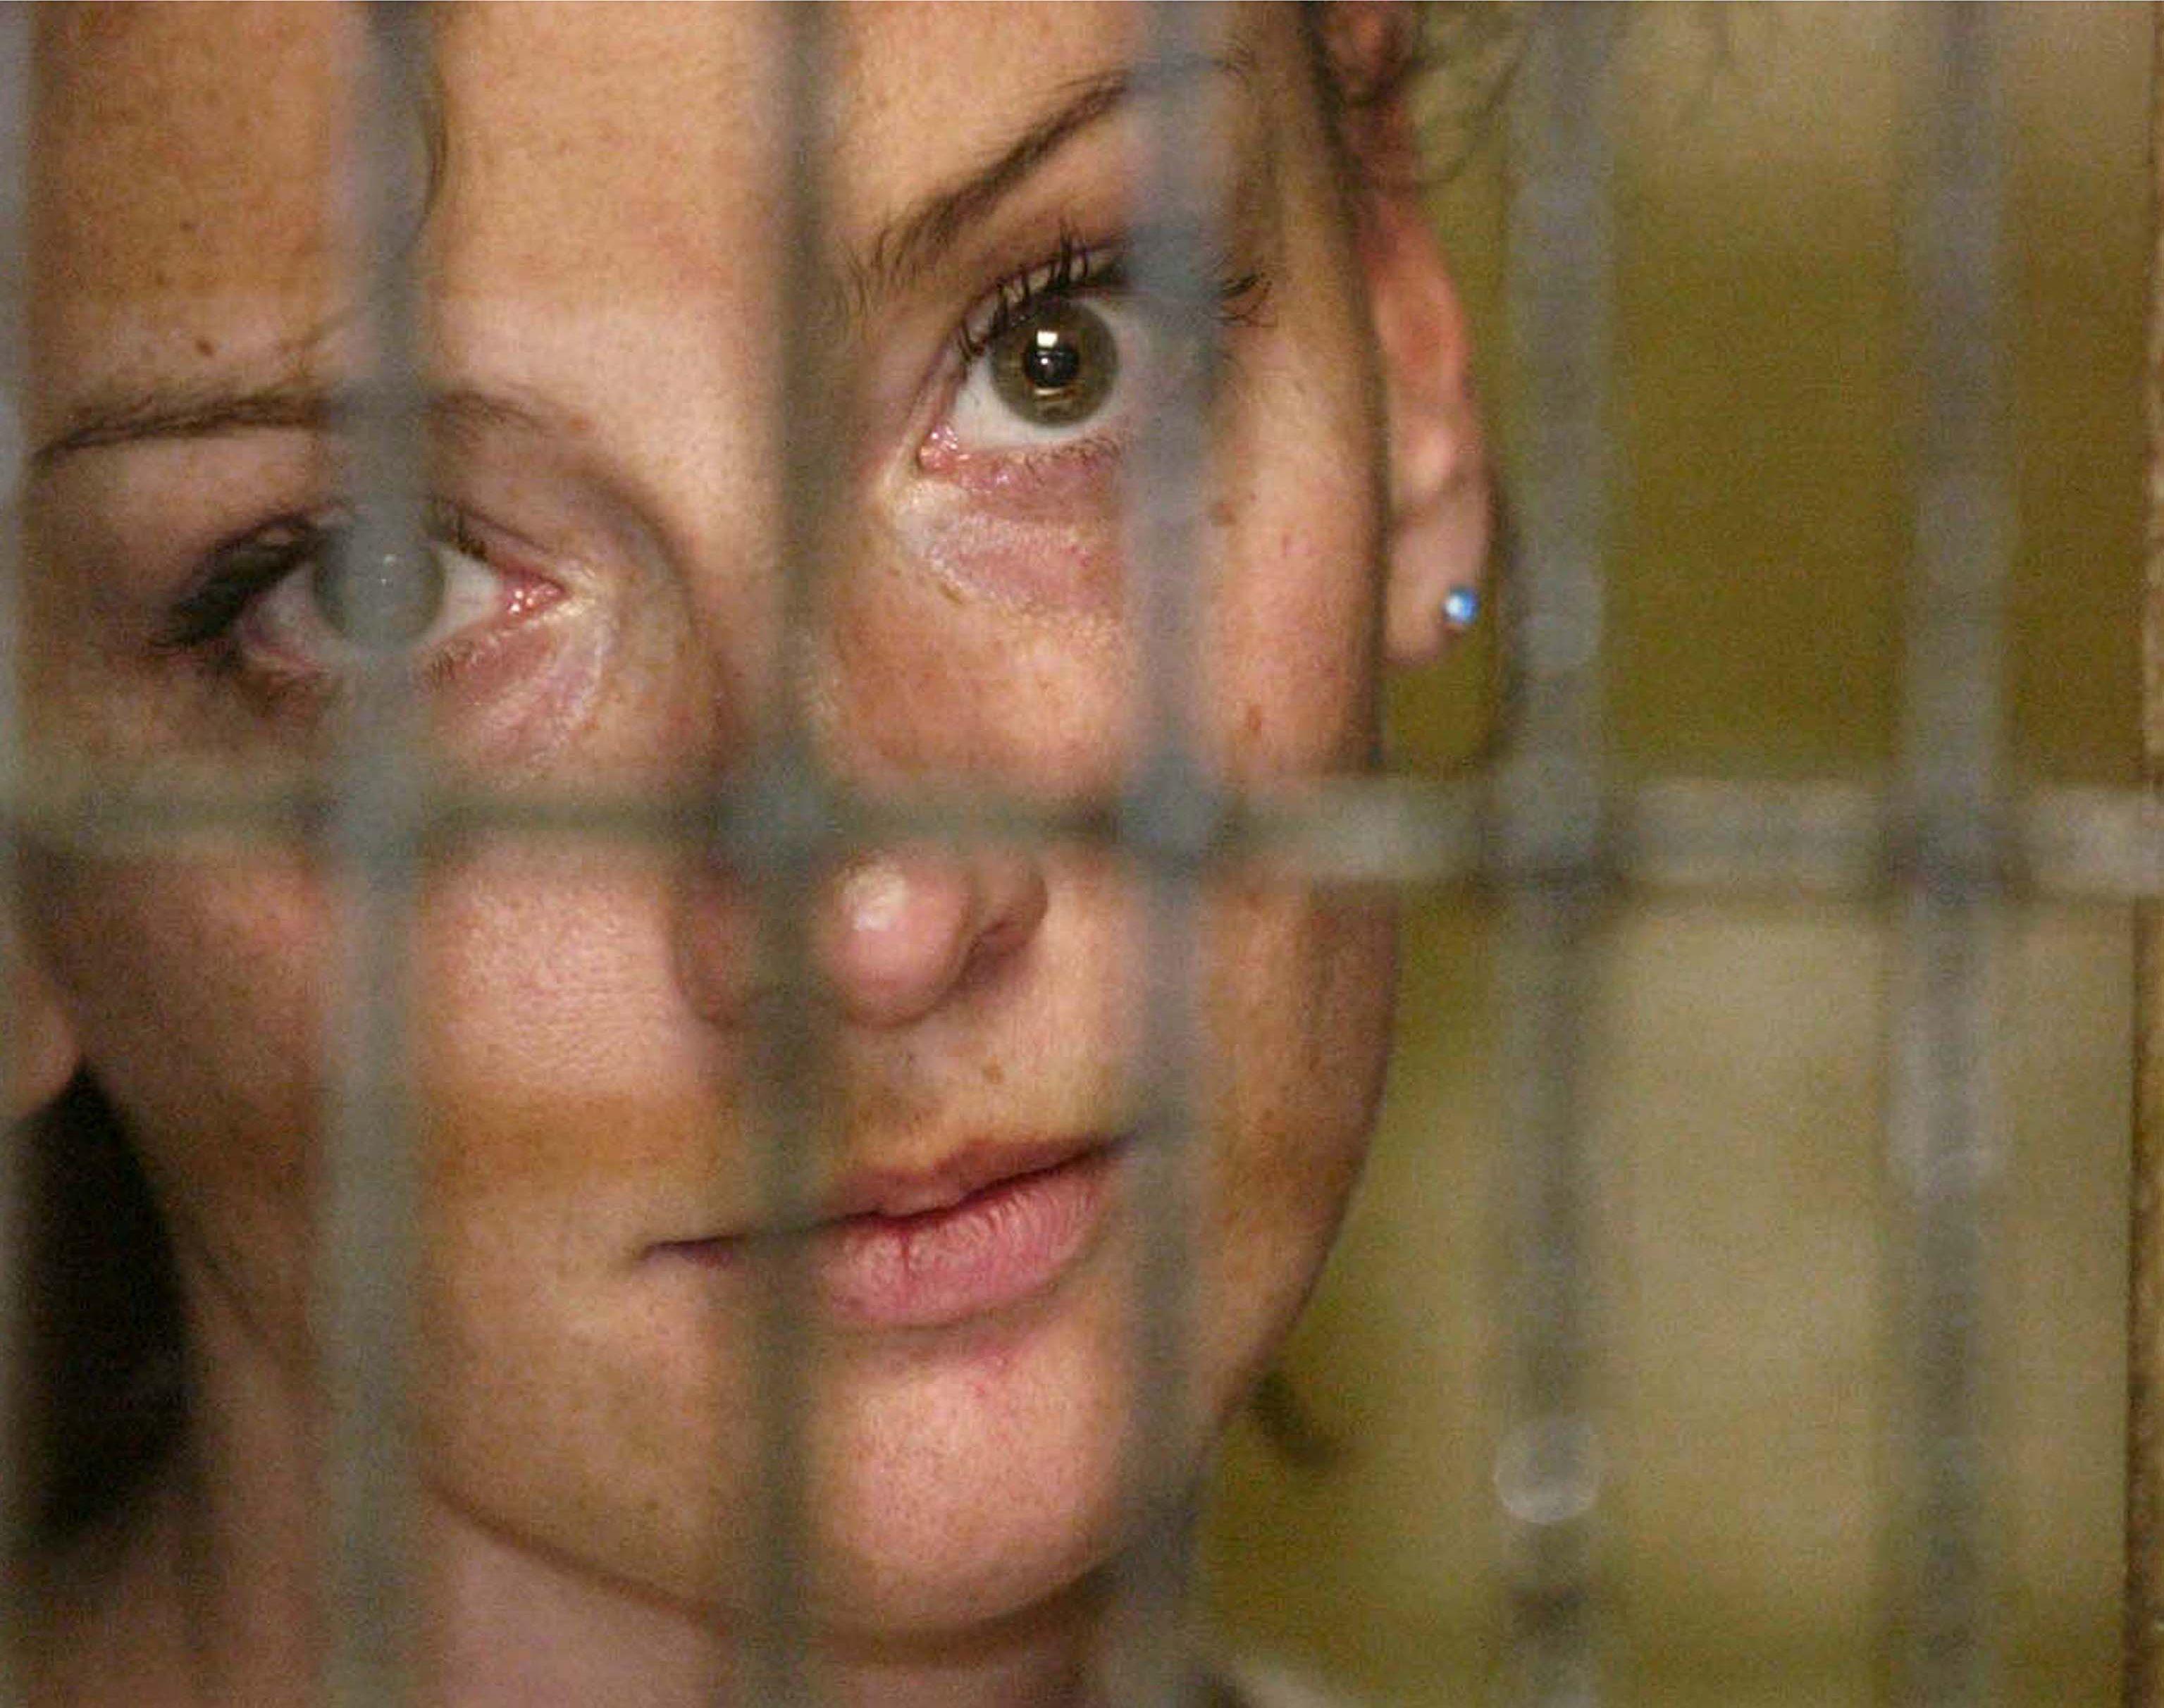 La Française de 38 ans avait été condamnée, en 2009, à une peine de soixante ans de prison pour enlèvement, délinquance organisée et port d'armes prohibées.